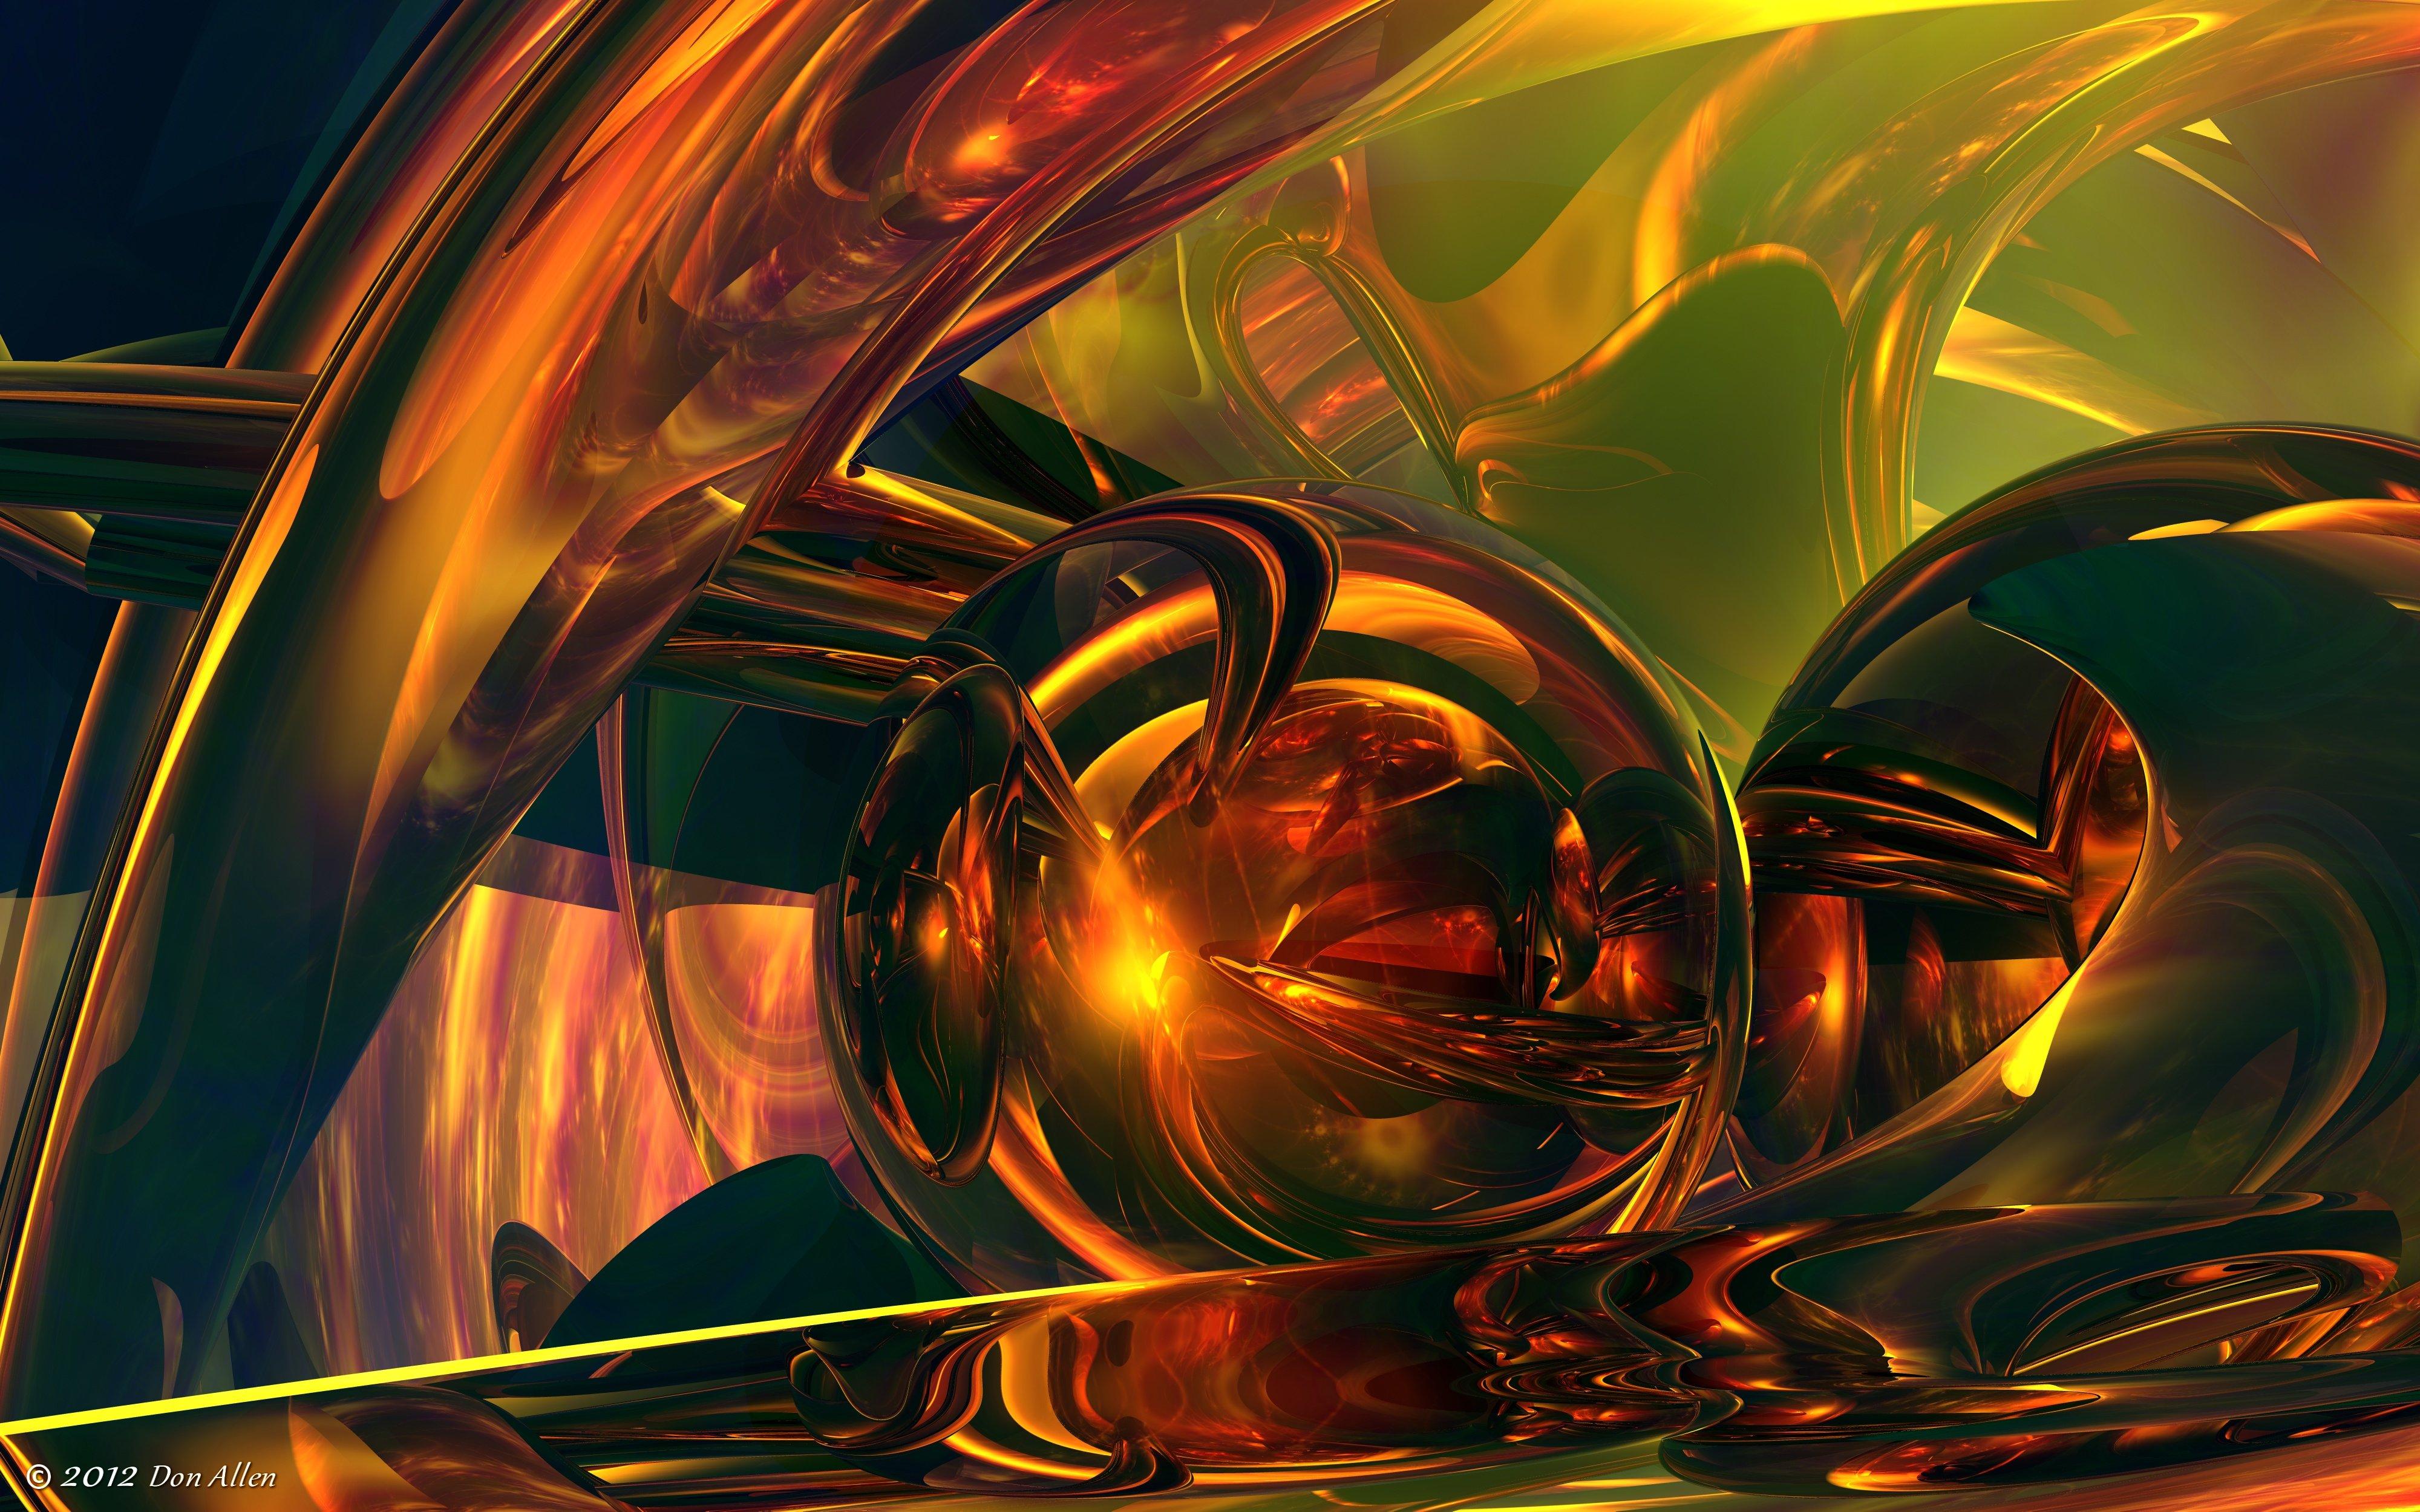 Japanese Wave Wallpaper Hd 1440p 171 Robert Parker S Blog